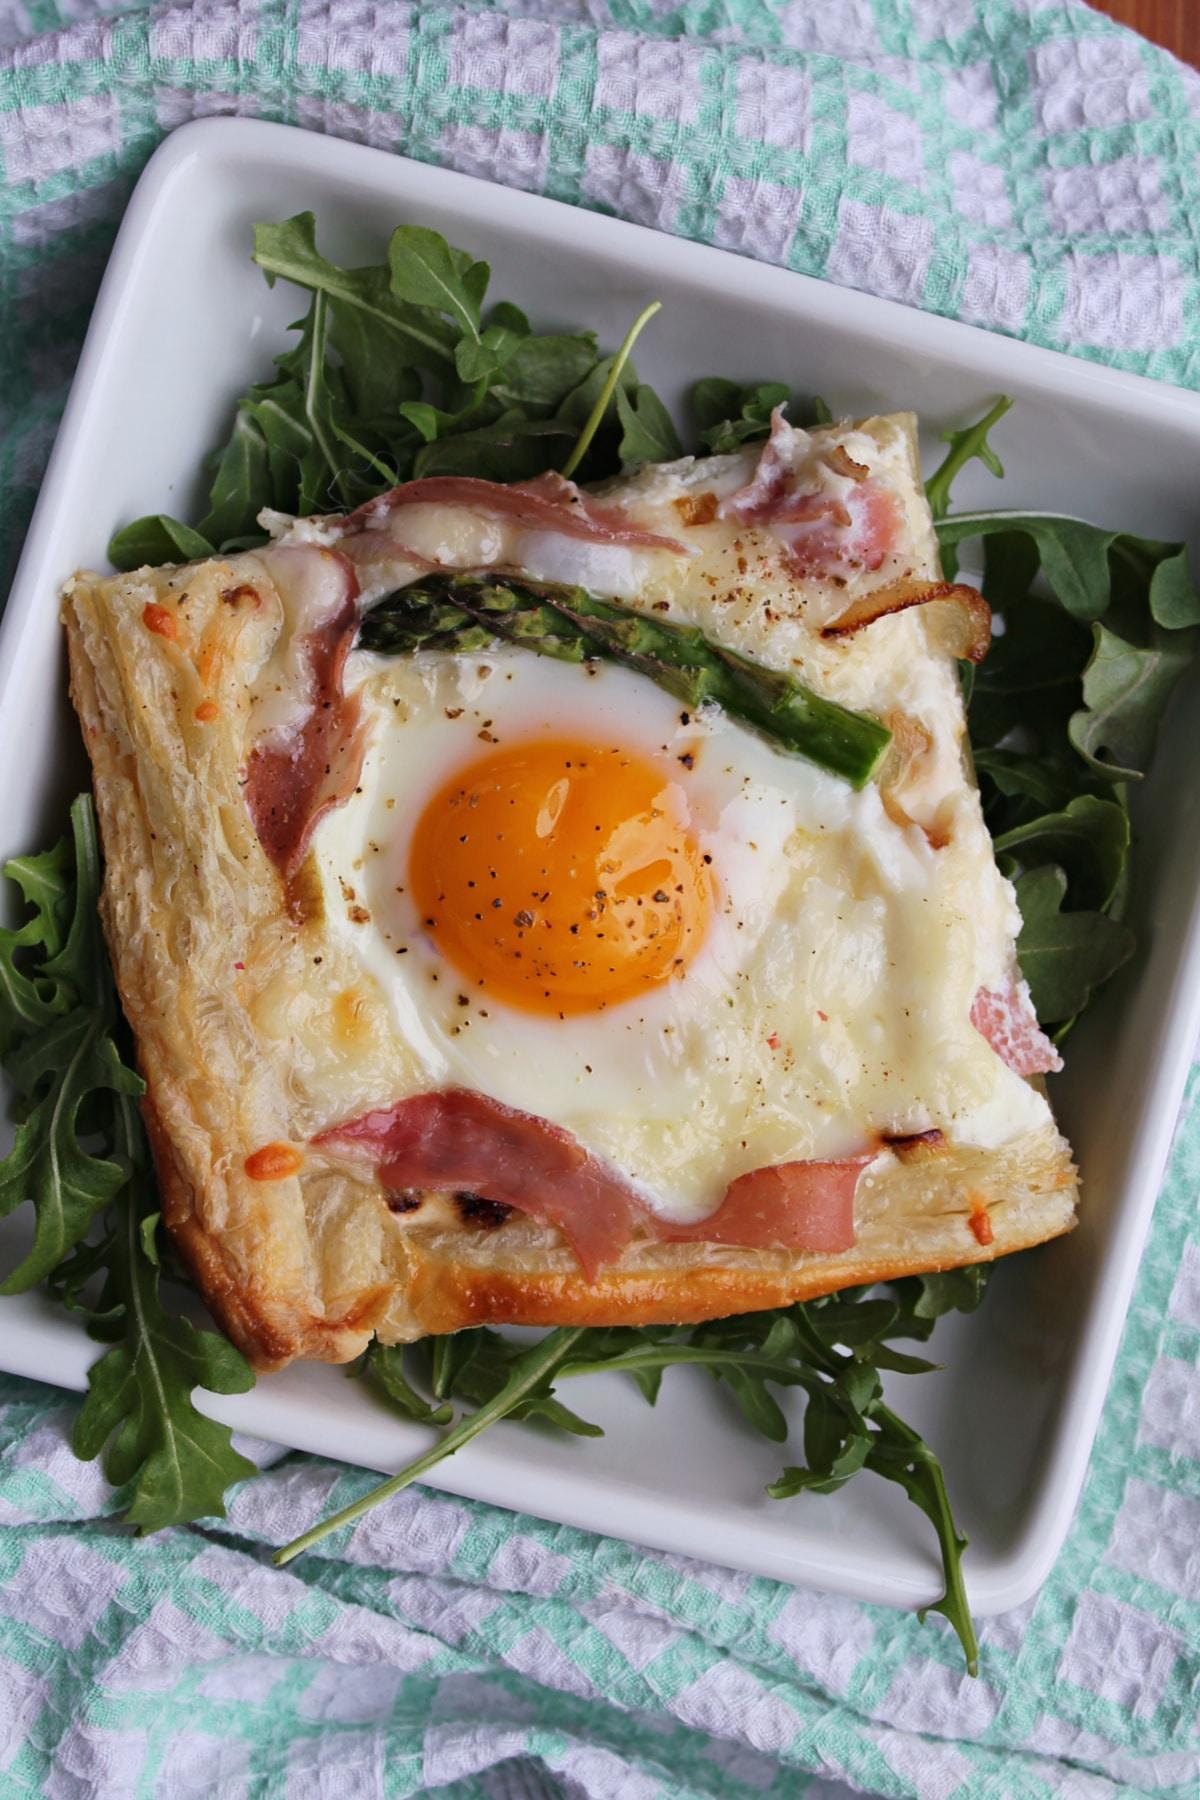 1 portion of egg tart on plate